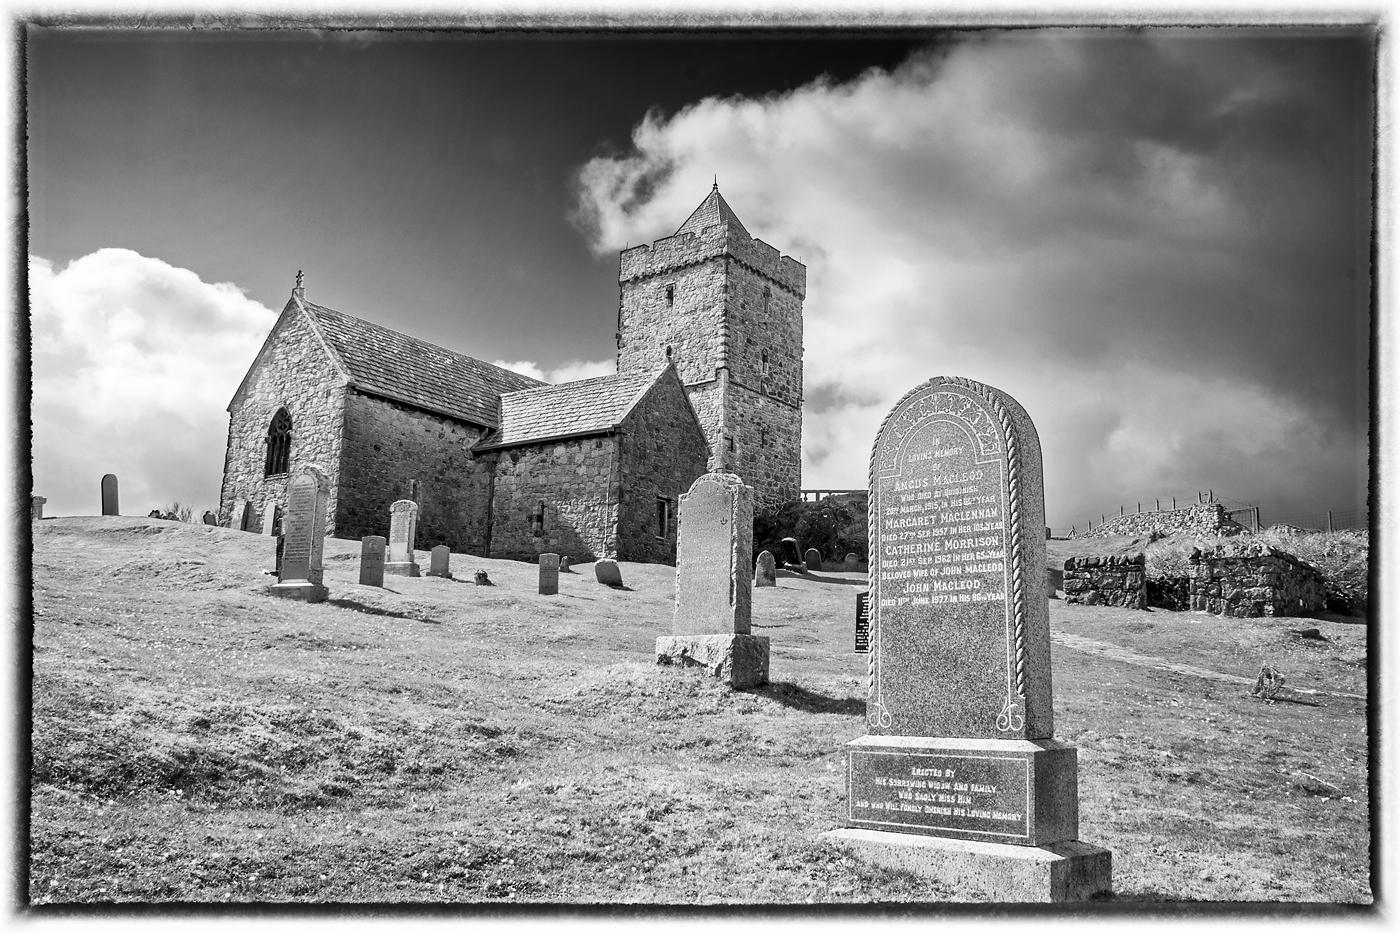 St Clement's Church, Na h-Eileanan an Iar